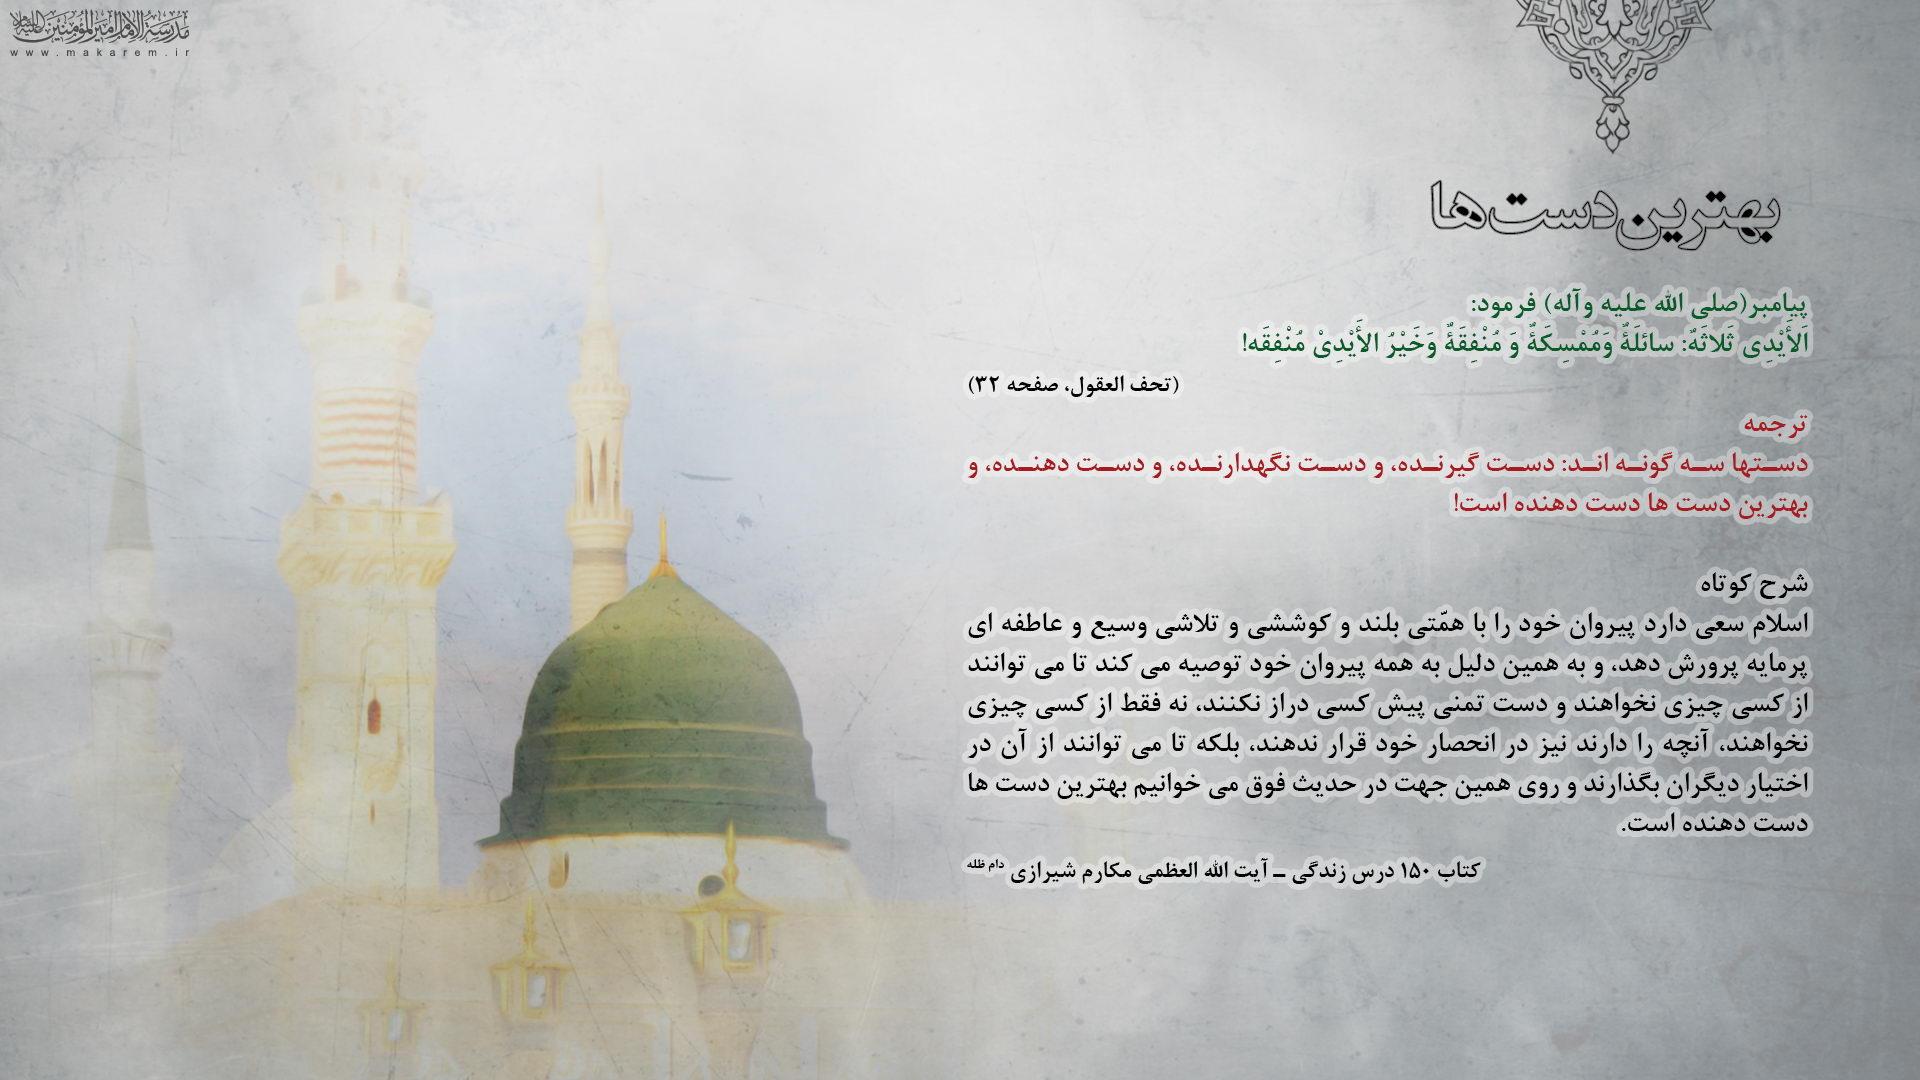 بهترین دست ها-مدرسه الامام امیر المومنین (ع)